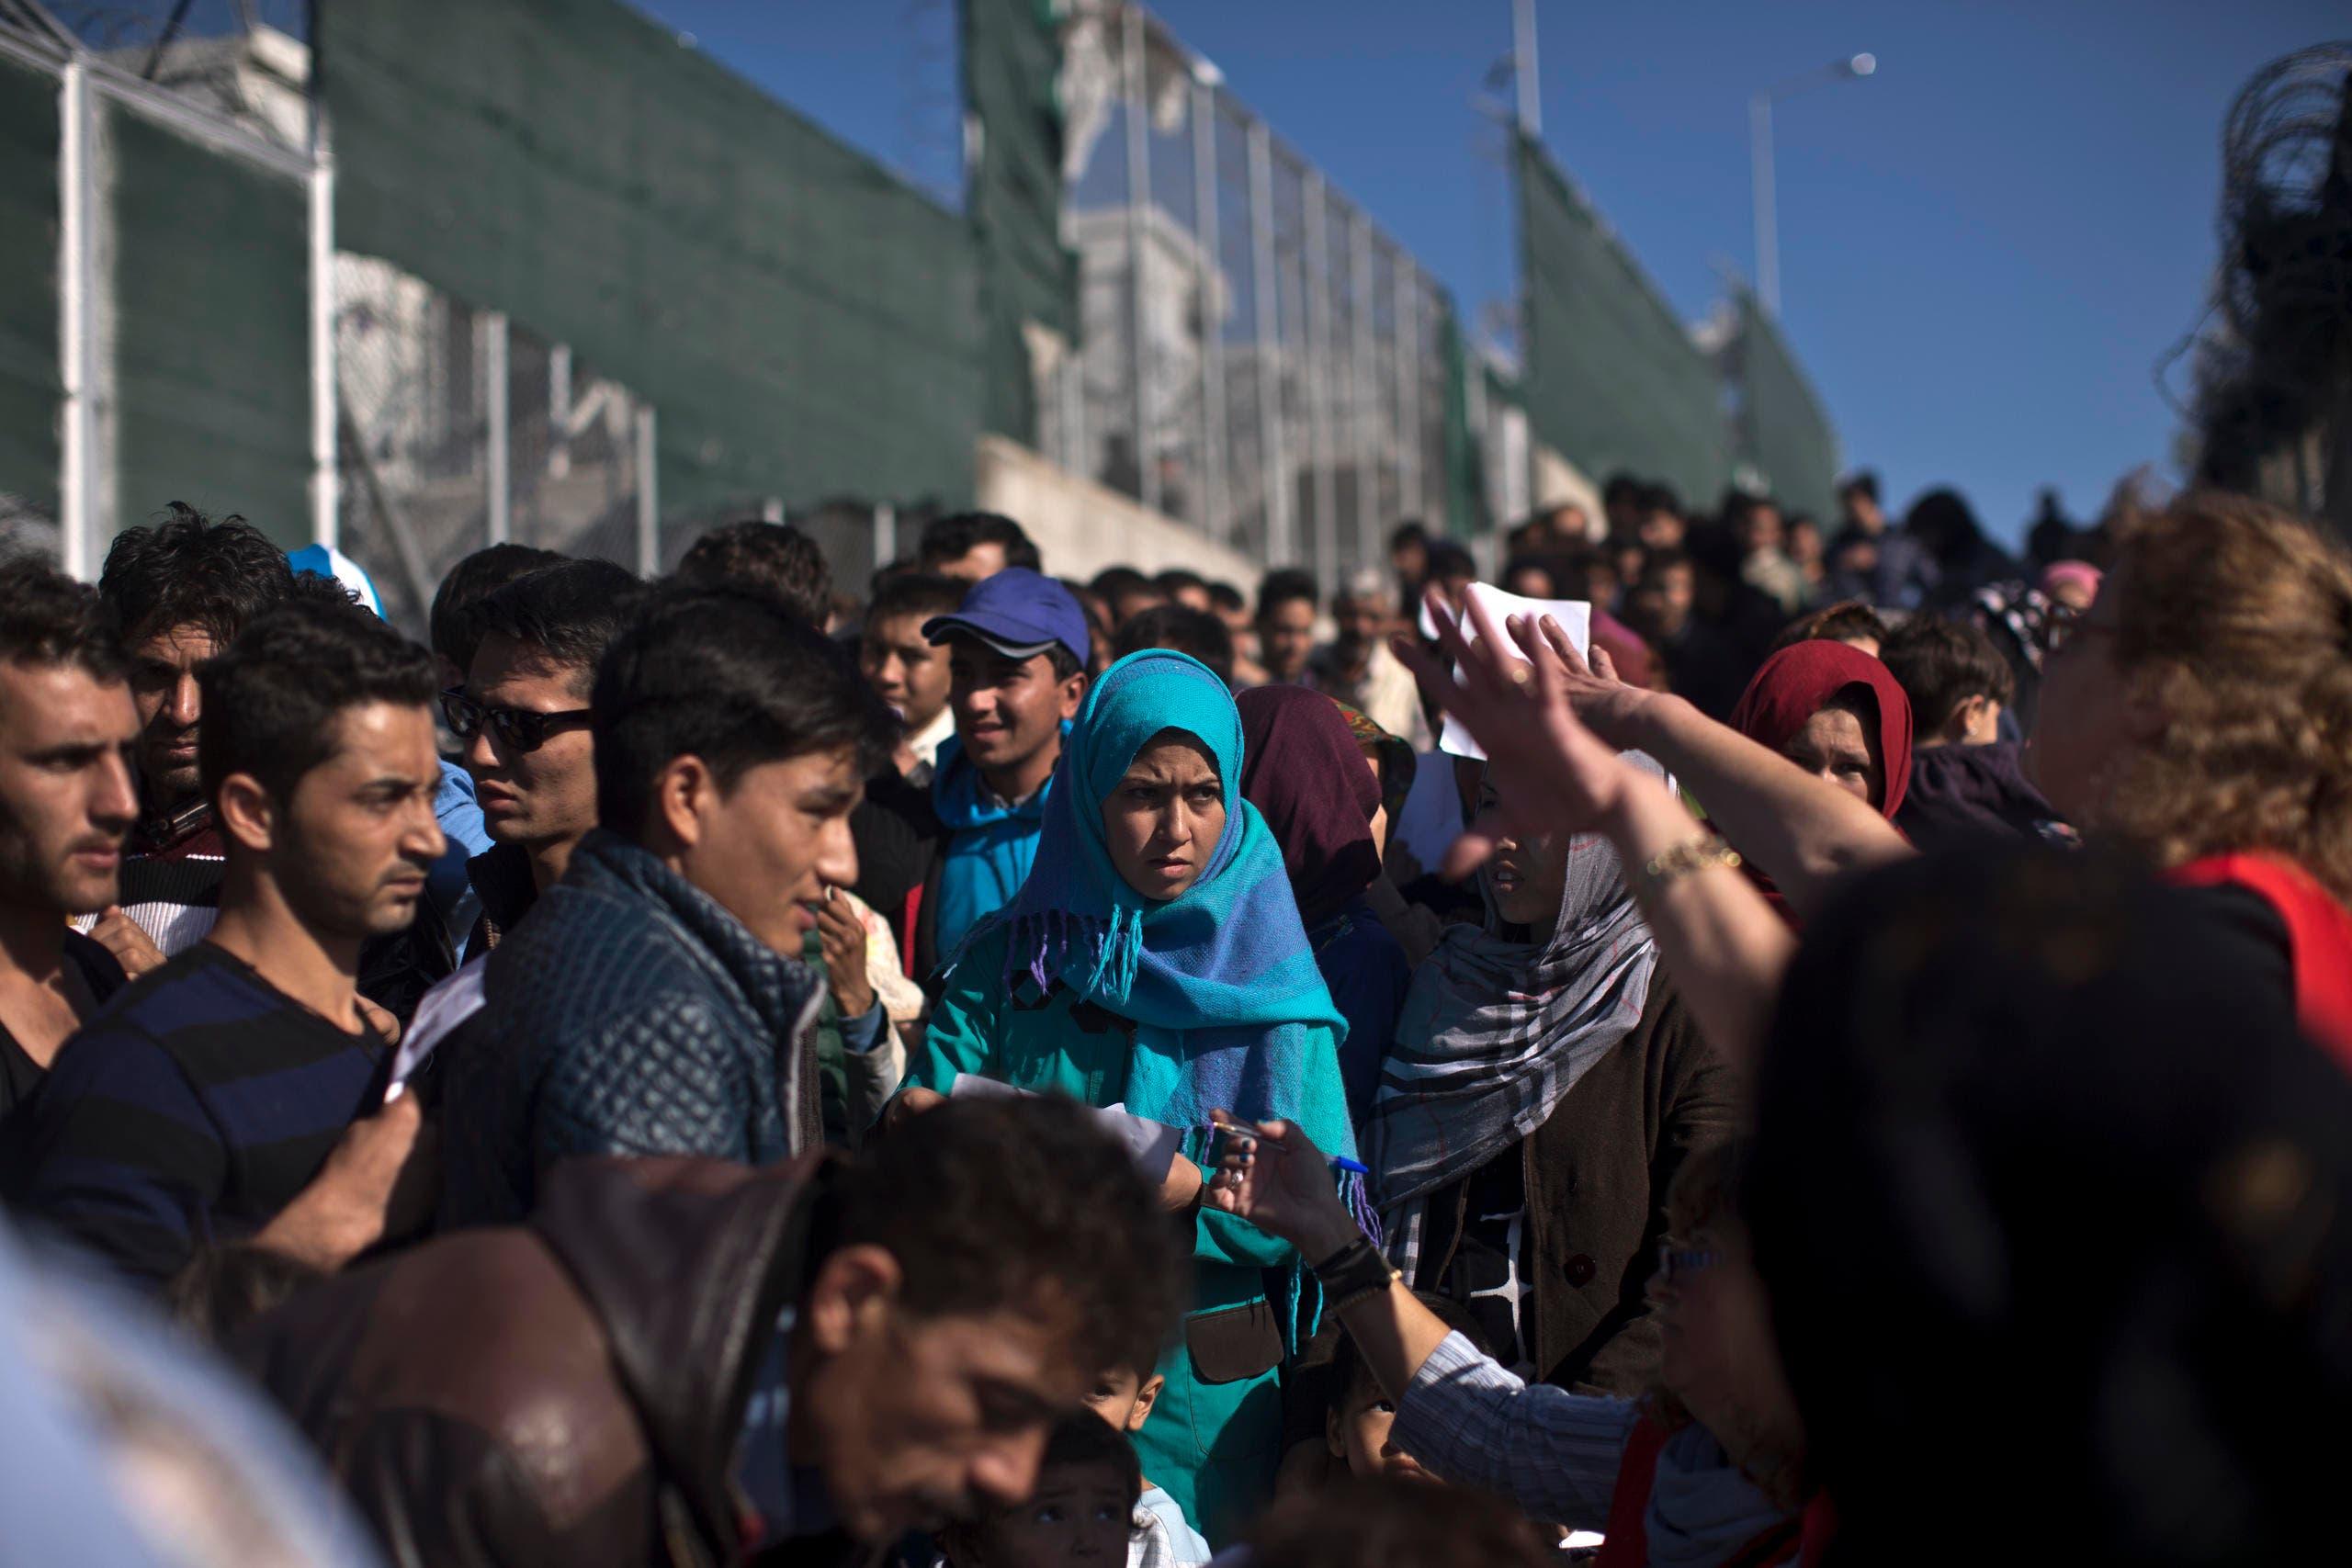 Flüchtlinge warten auf eine registration im «Hotspot» Moria. (Bild: AP/Marko Drobnjakovic)